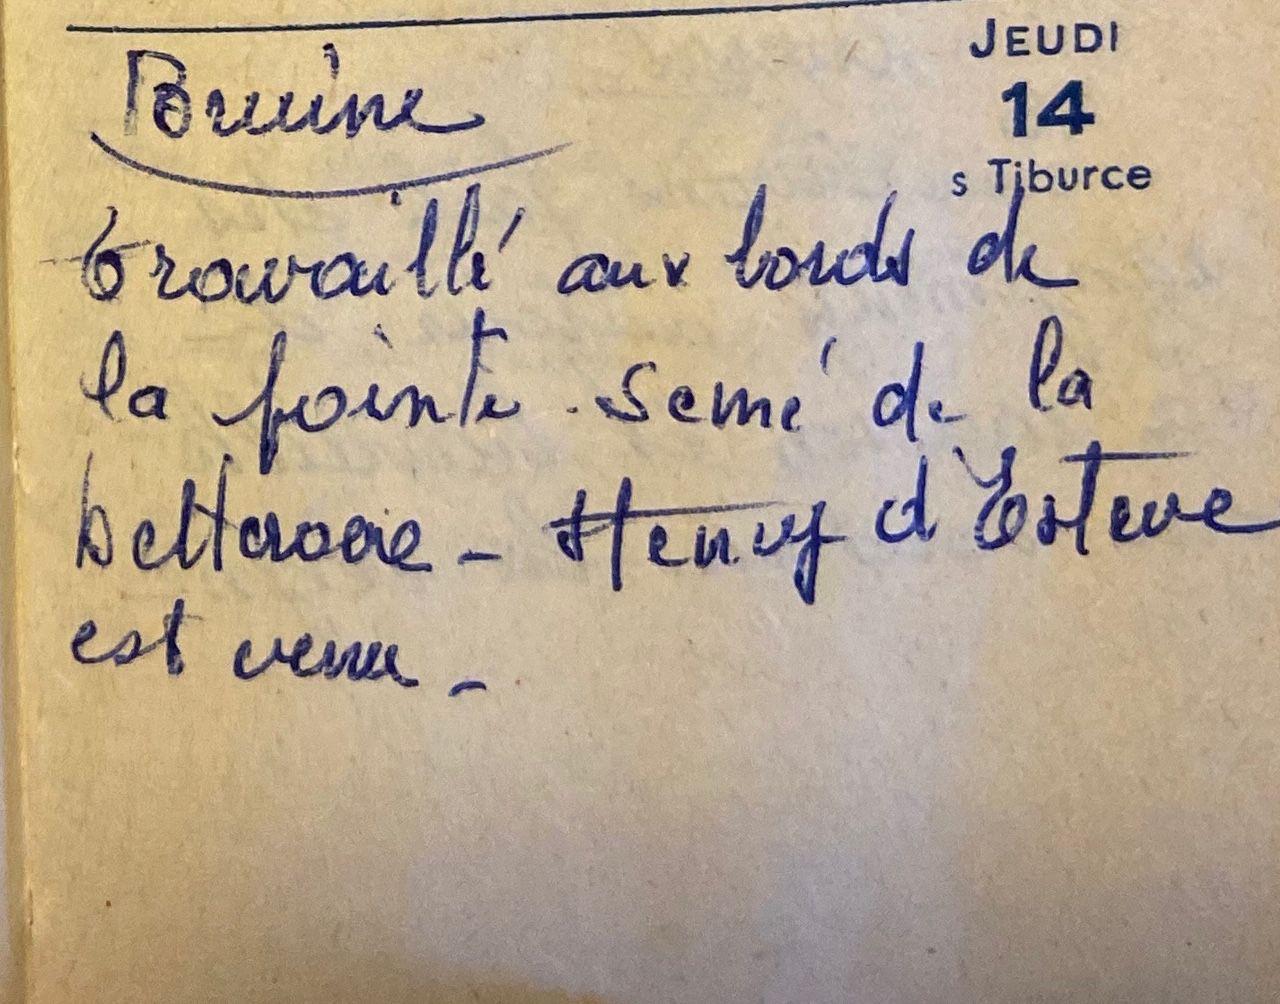 Jeudi 14 avril 1960 - semis de betterave